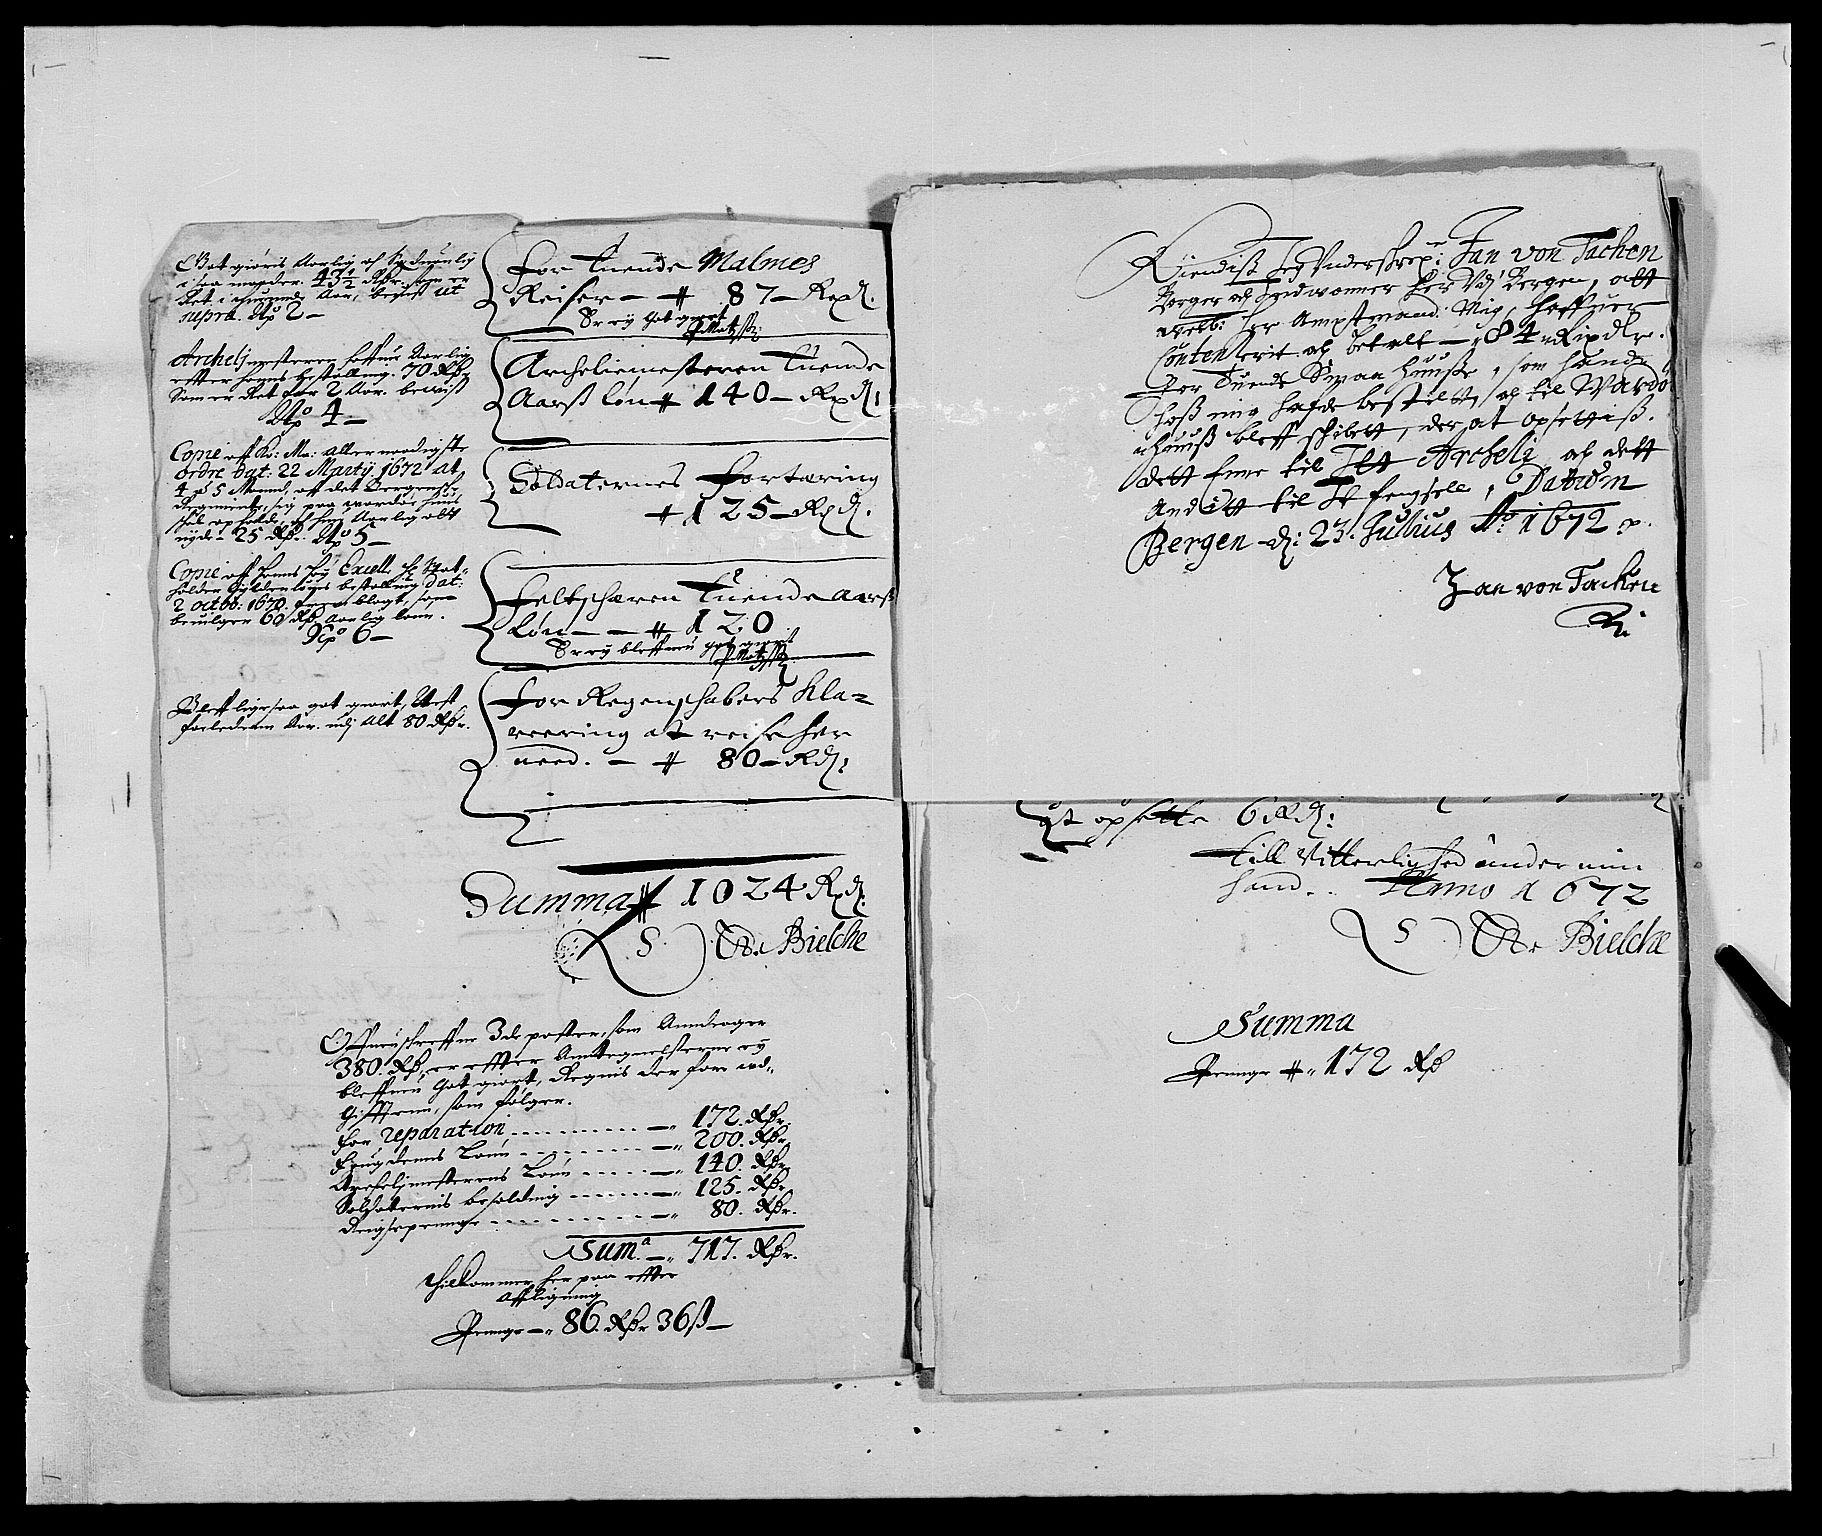 RA, Rentekammeret inntil 1814, Reviderte regnskaper, Fogderegnskap, R69/L4849: Fogderegnskap Finnmark/Vardøhus, 1661-1679, s. 258